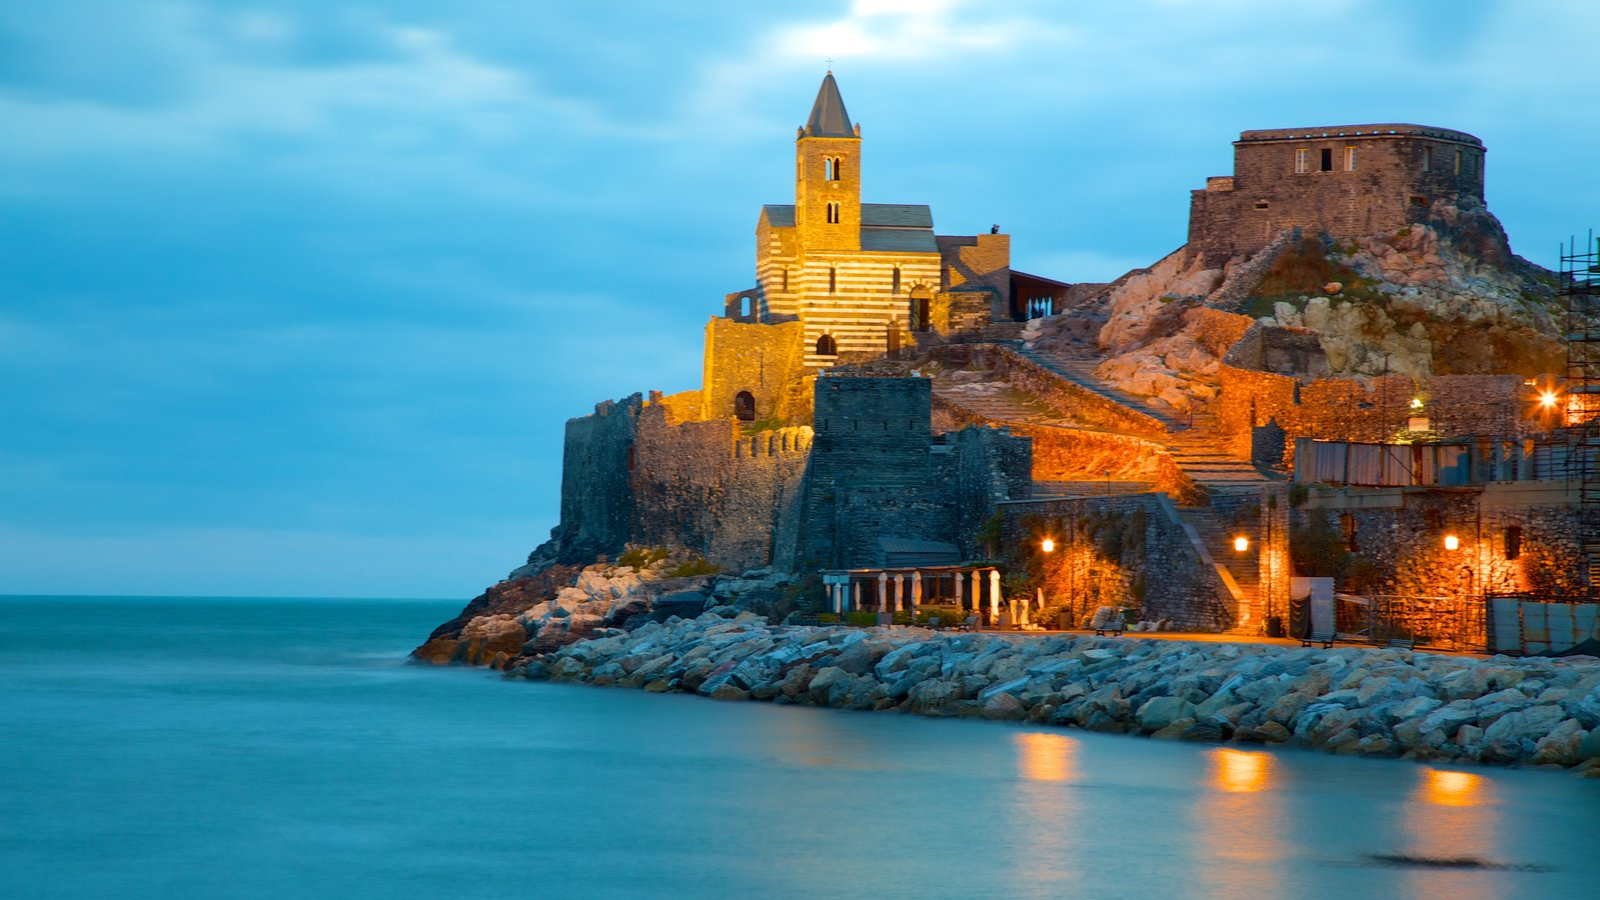 Cinque Terre caracterizando um pôr do sol, litoral acidentado e uma cidade litorânea